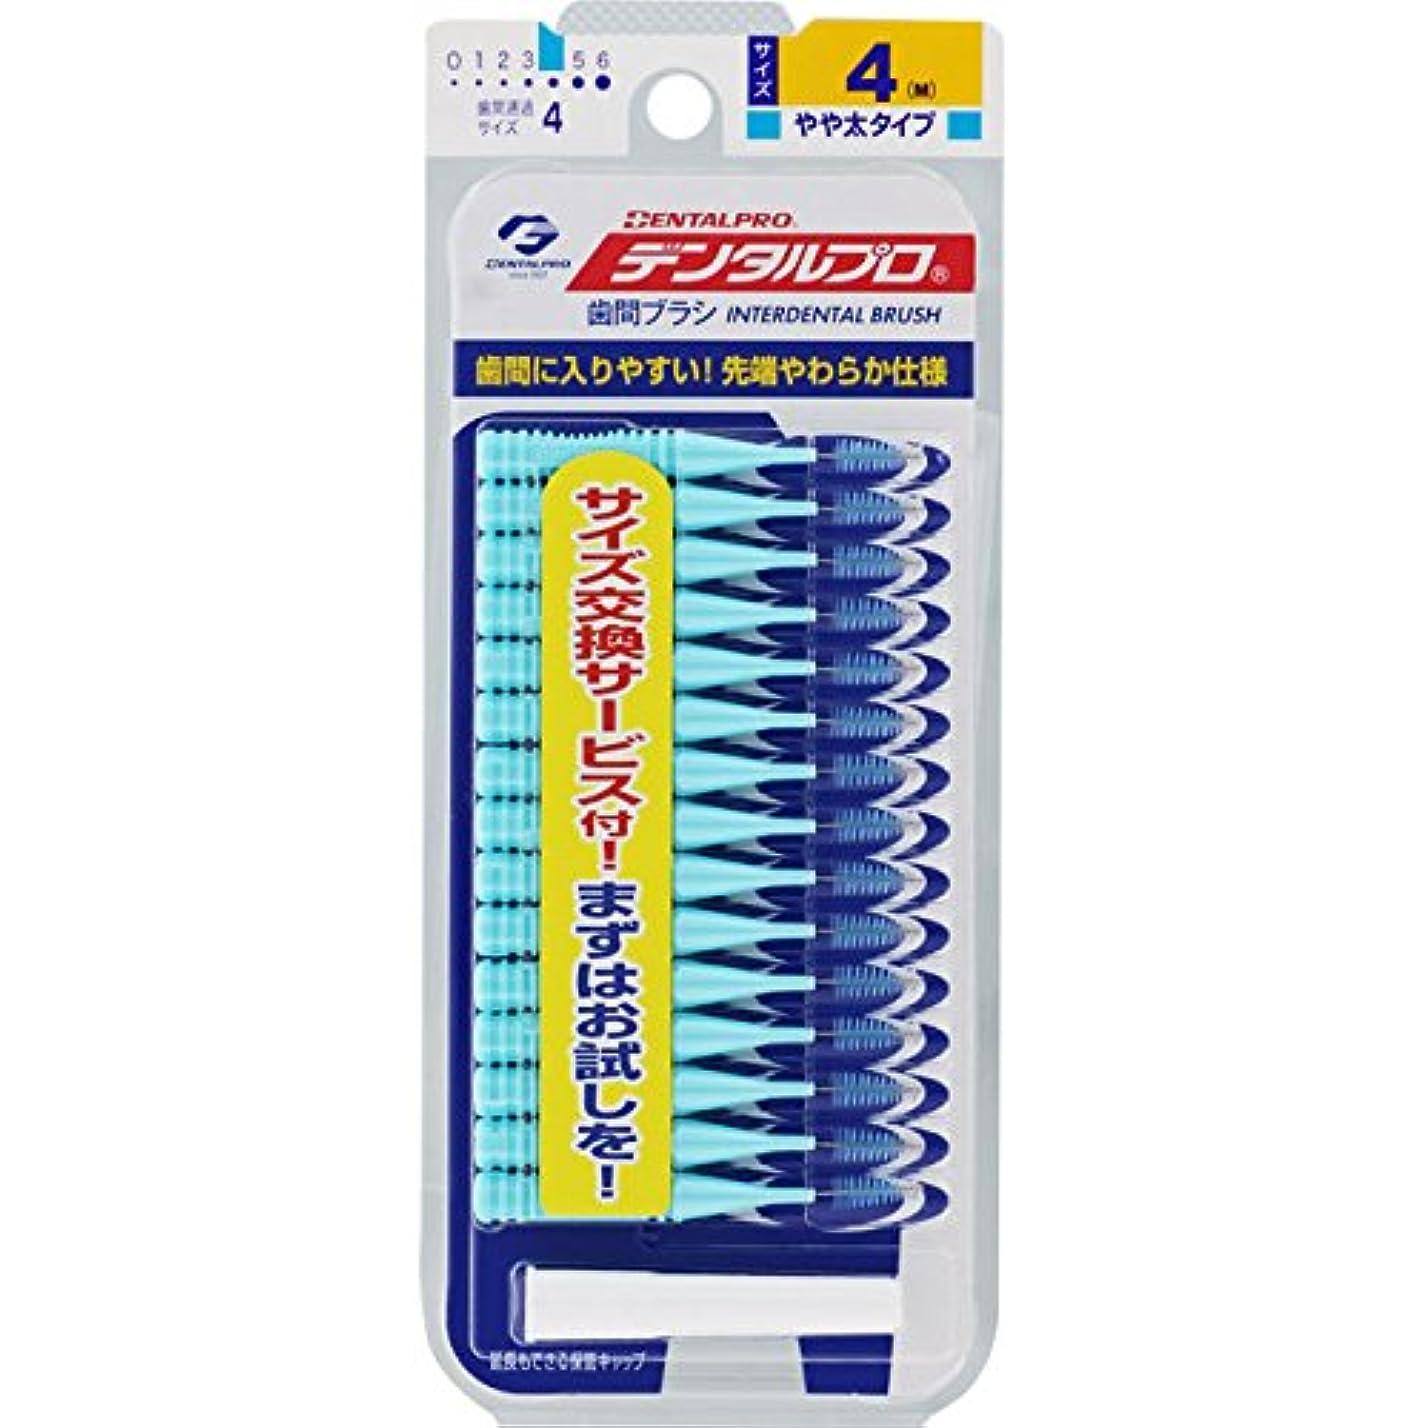 批判する喜ぶタクシージャックス デンタルプロ 歯間ブラシ(I字型) サイズ4 ブルー M